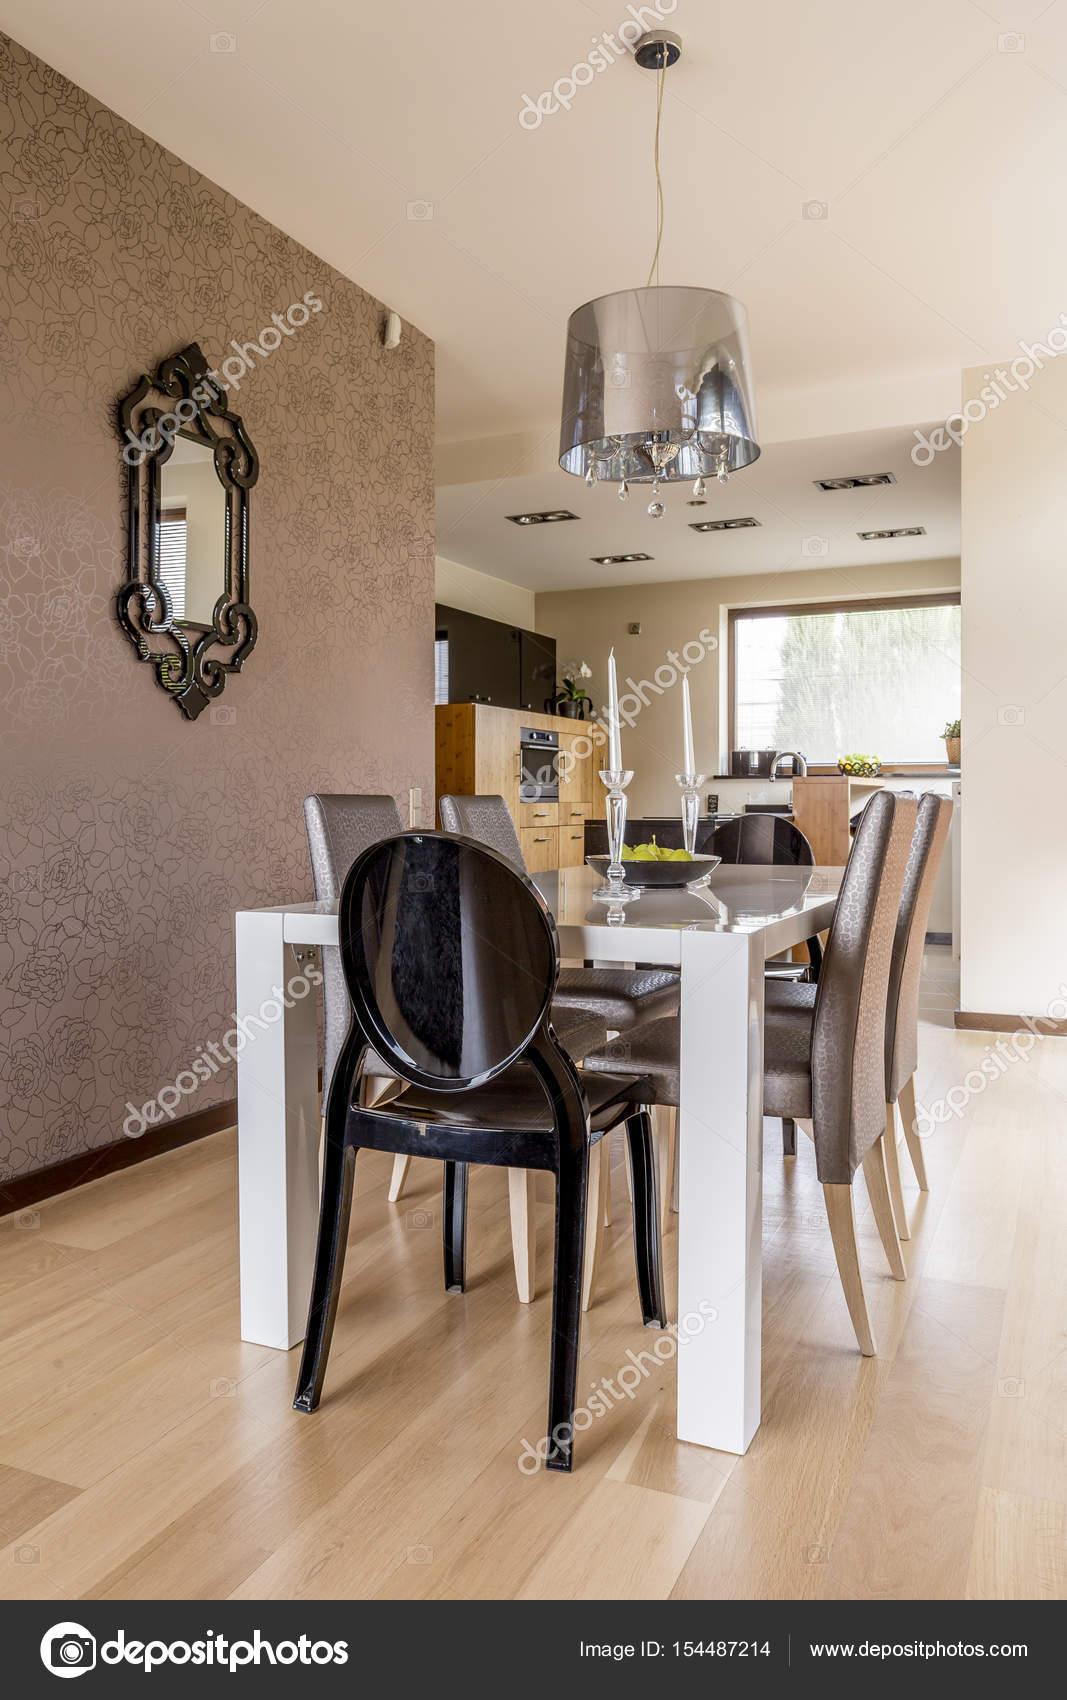 Moderne Esszimmer Mit Weissen Tisch Stockfoto C Photographee Eu